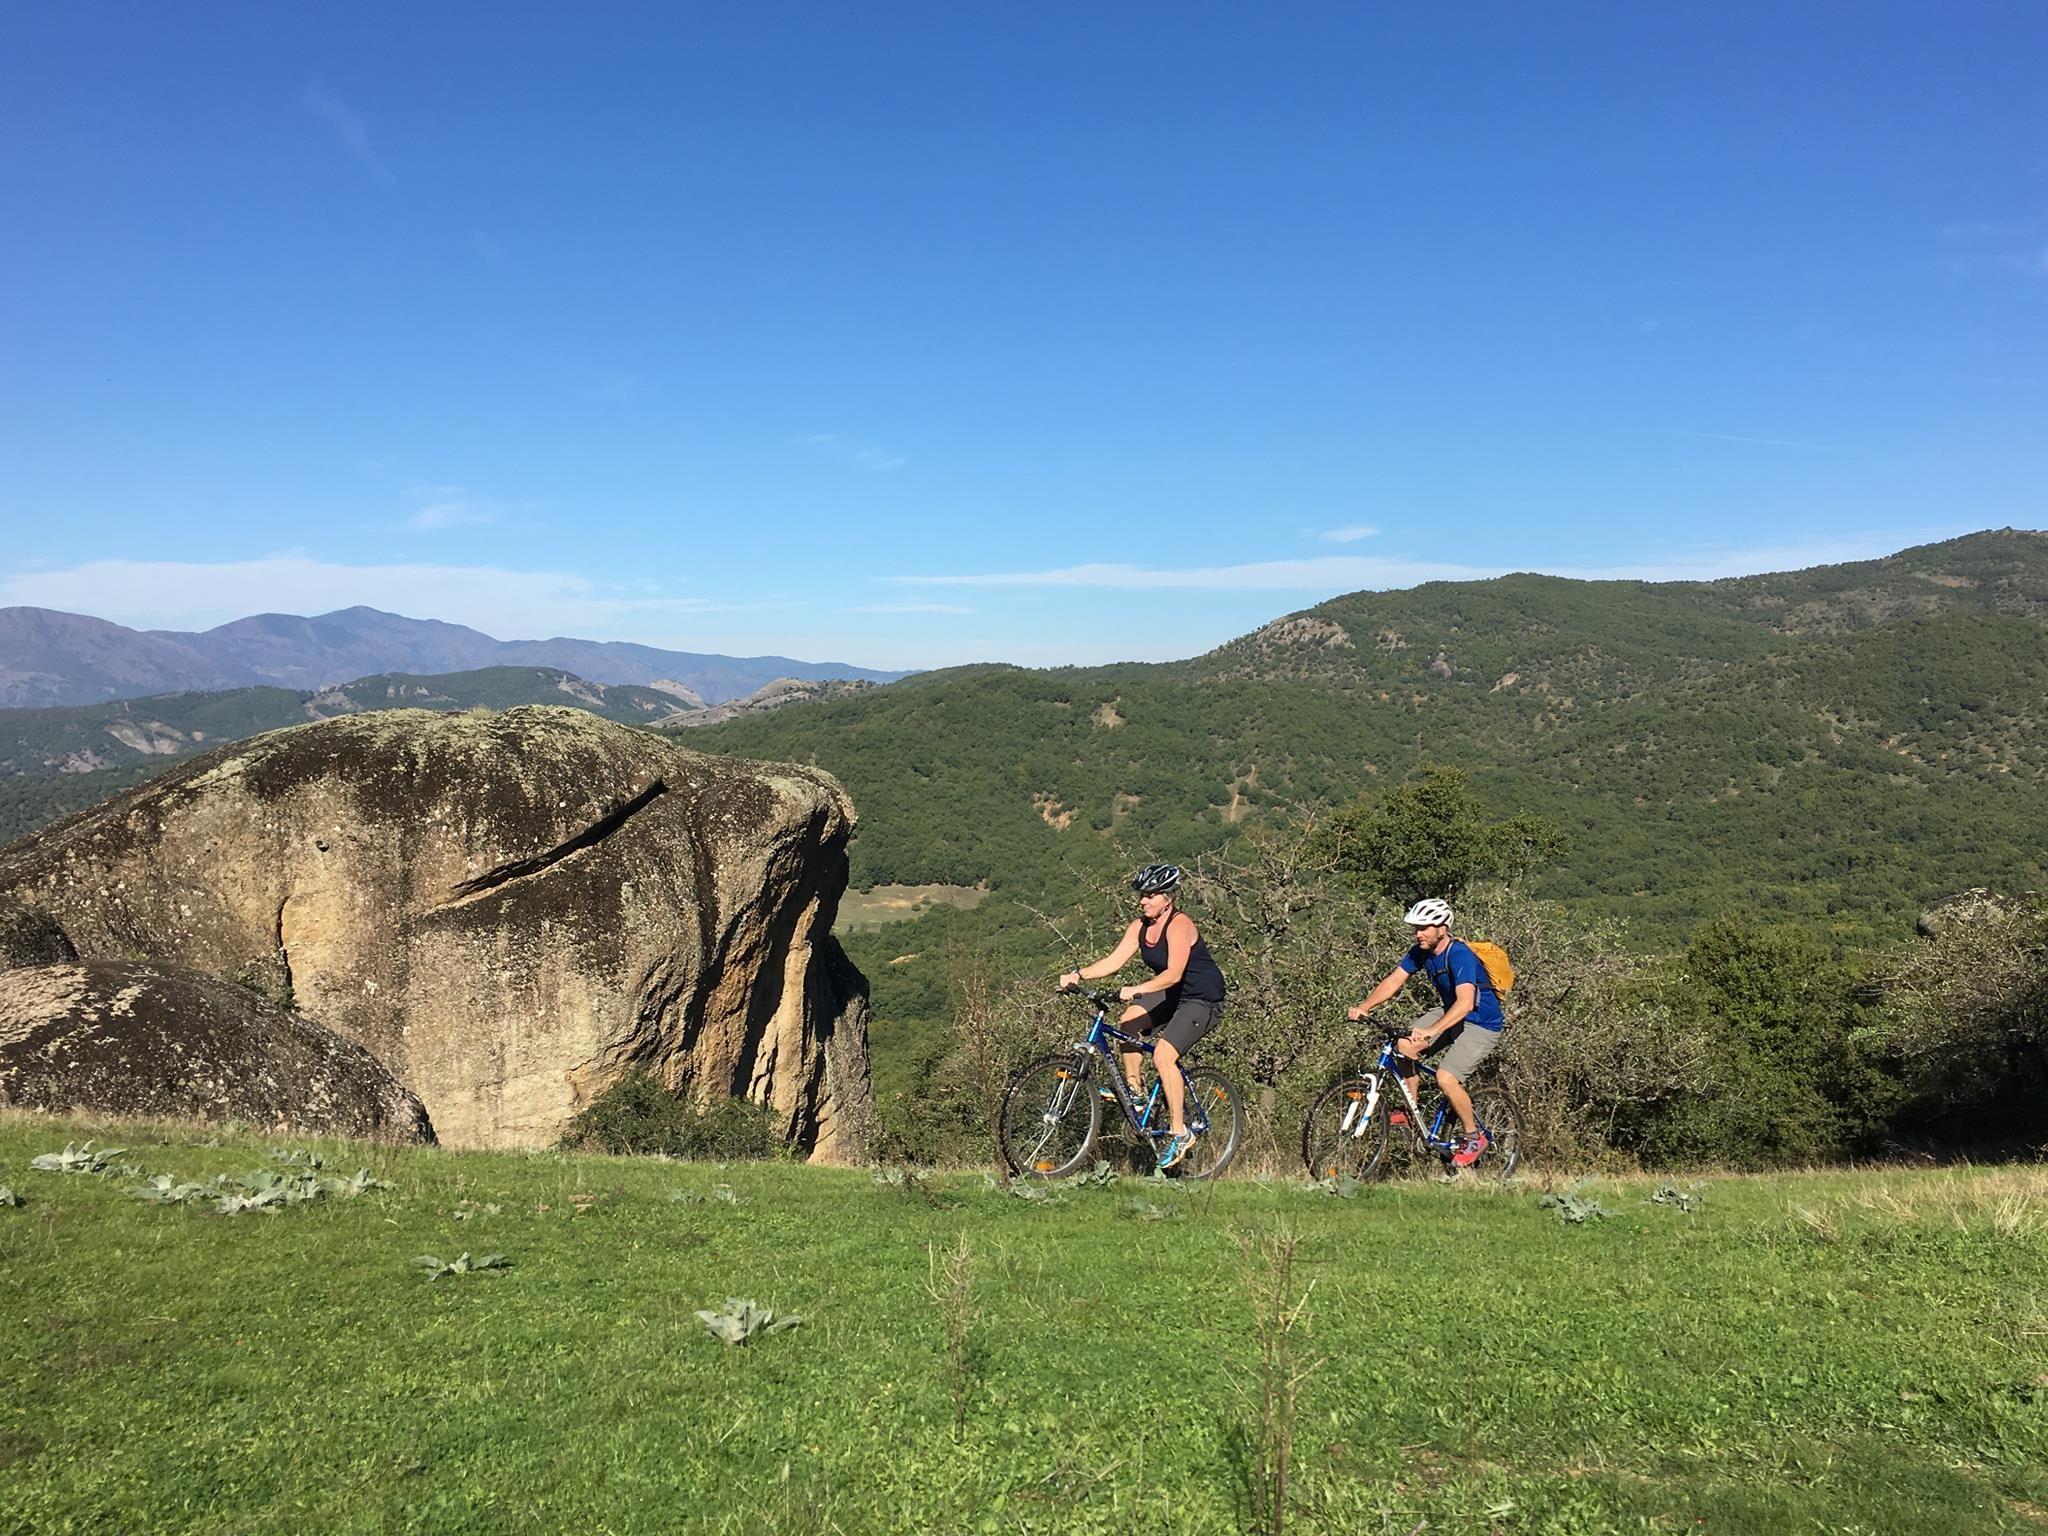 Meteora Stone Peaks, Bike Tour, 6 hours